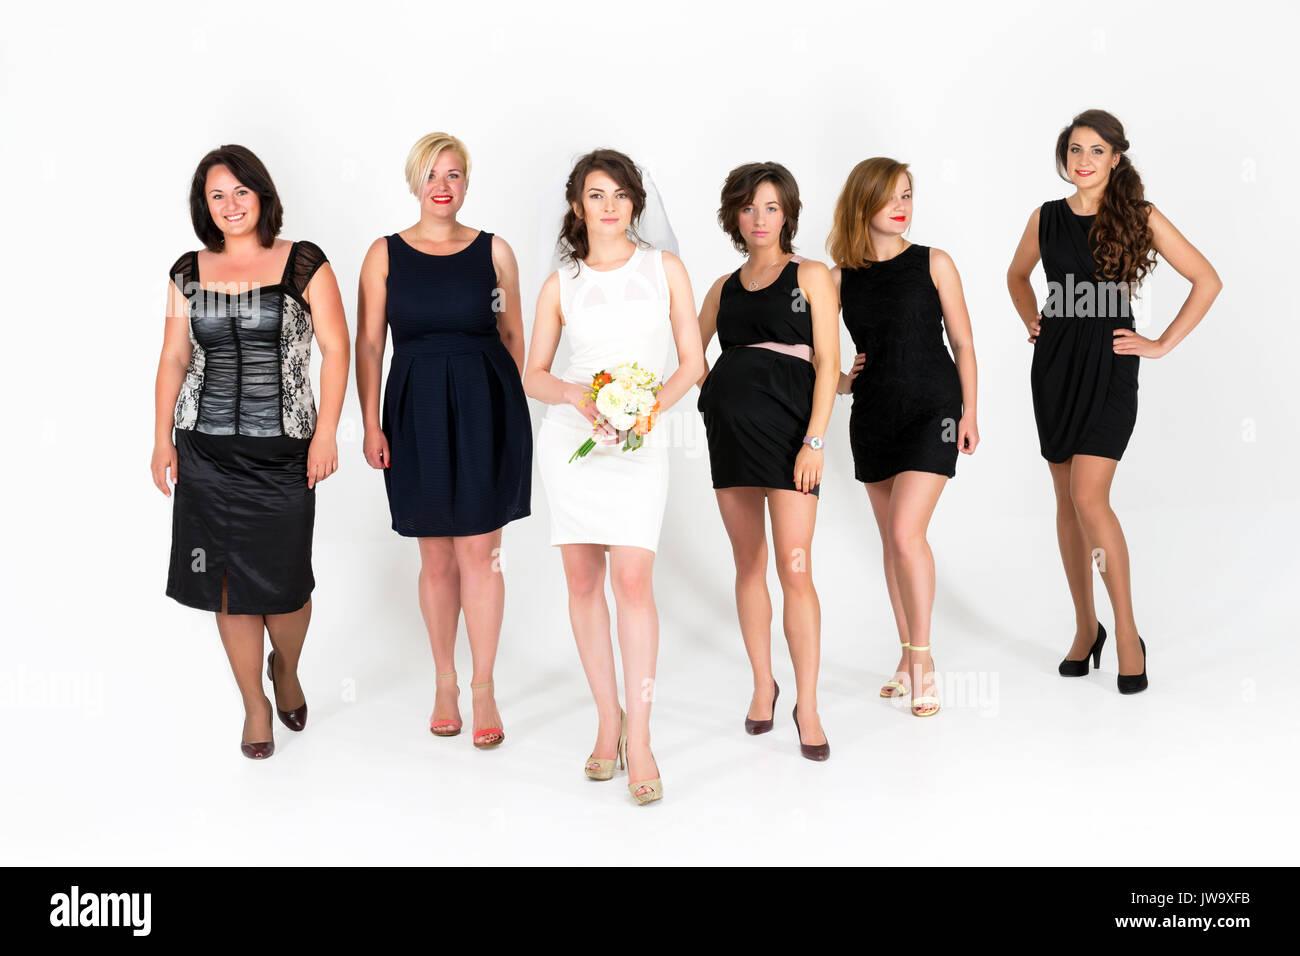 Atemberaubend Braut Bachelorette Party Kleid Fotos - Brautkleider ...